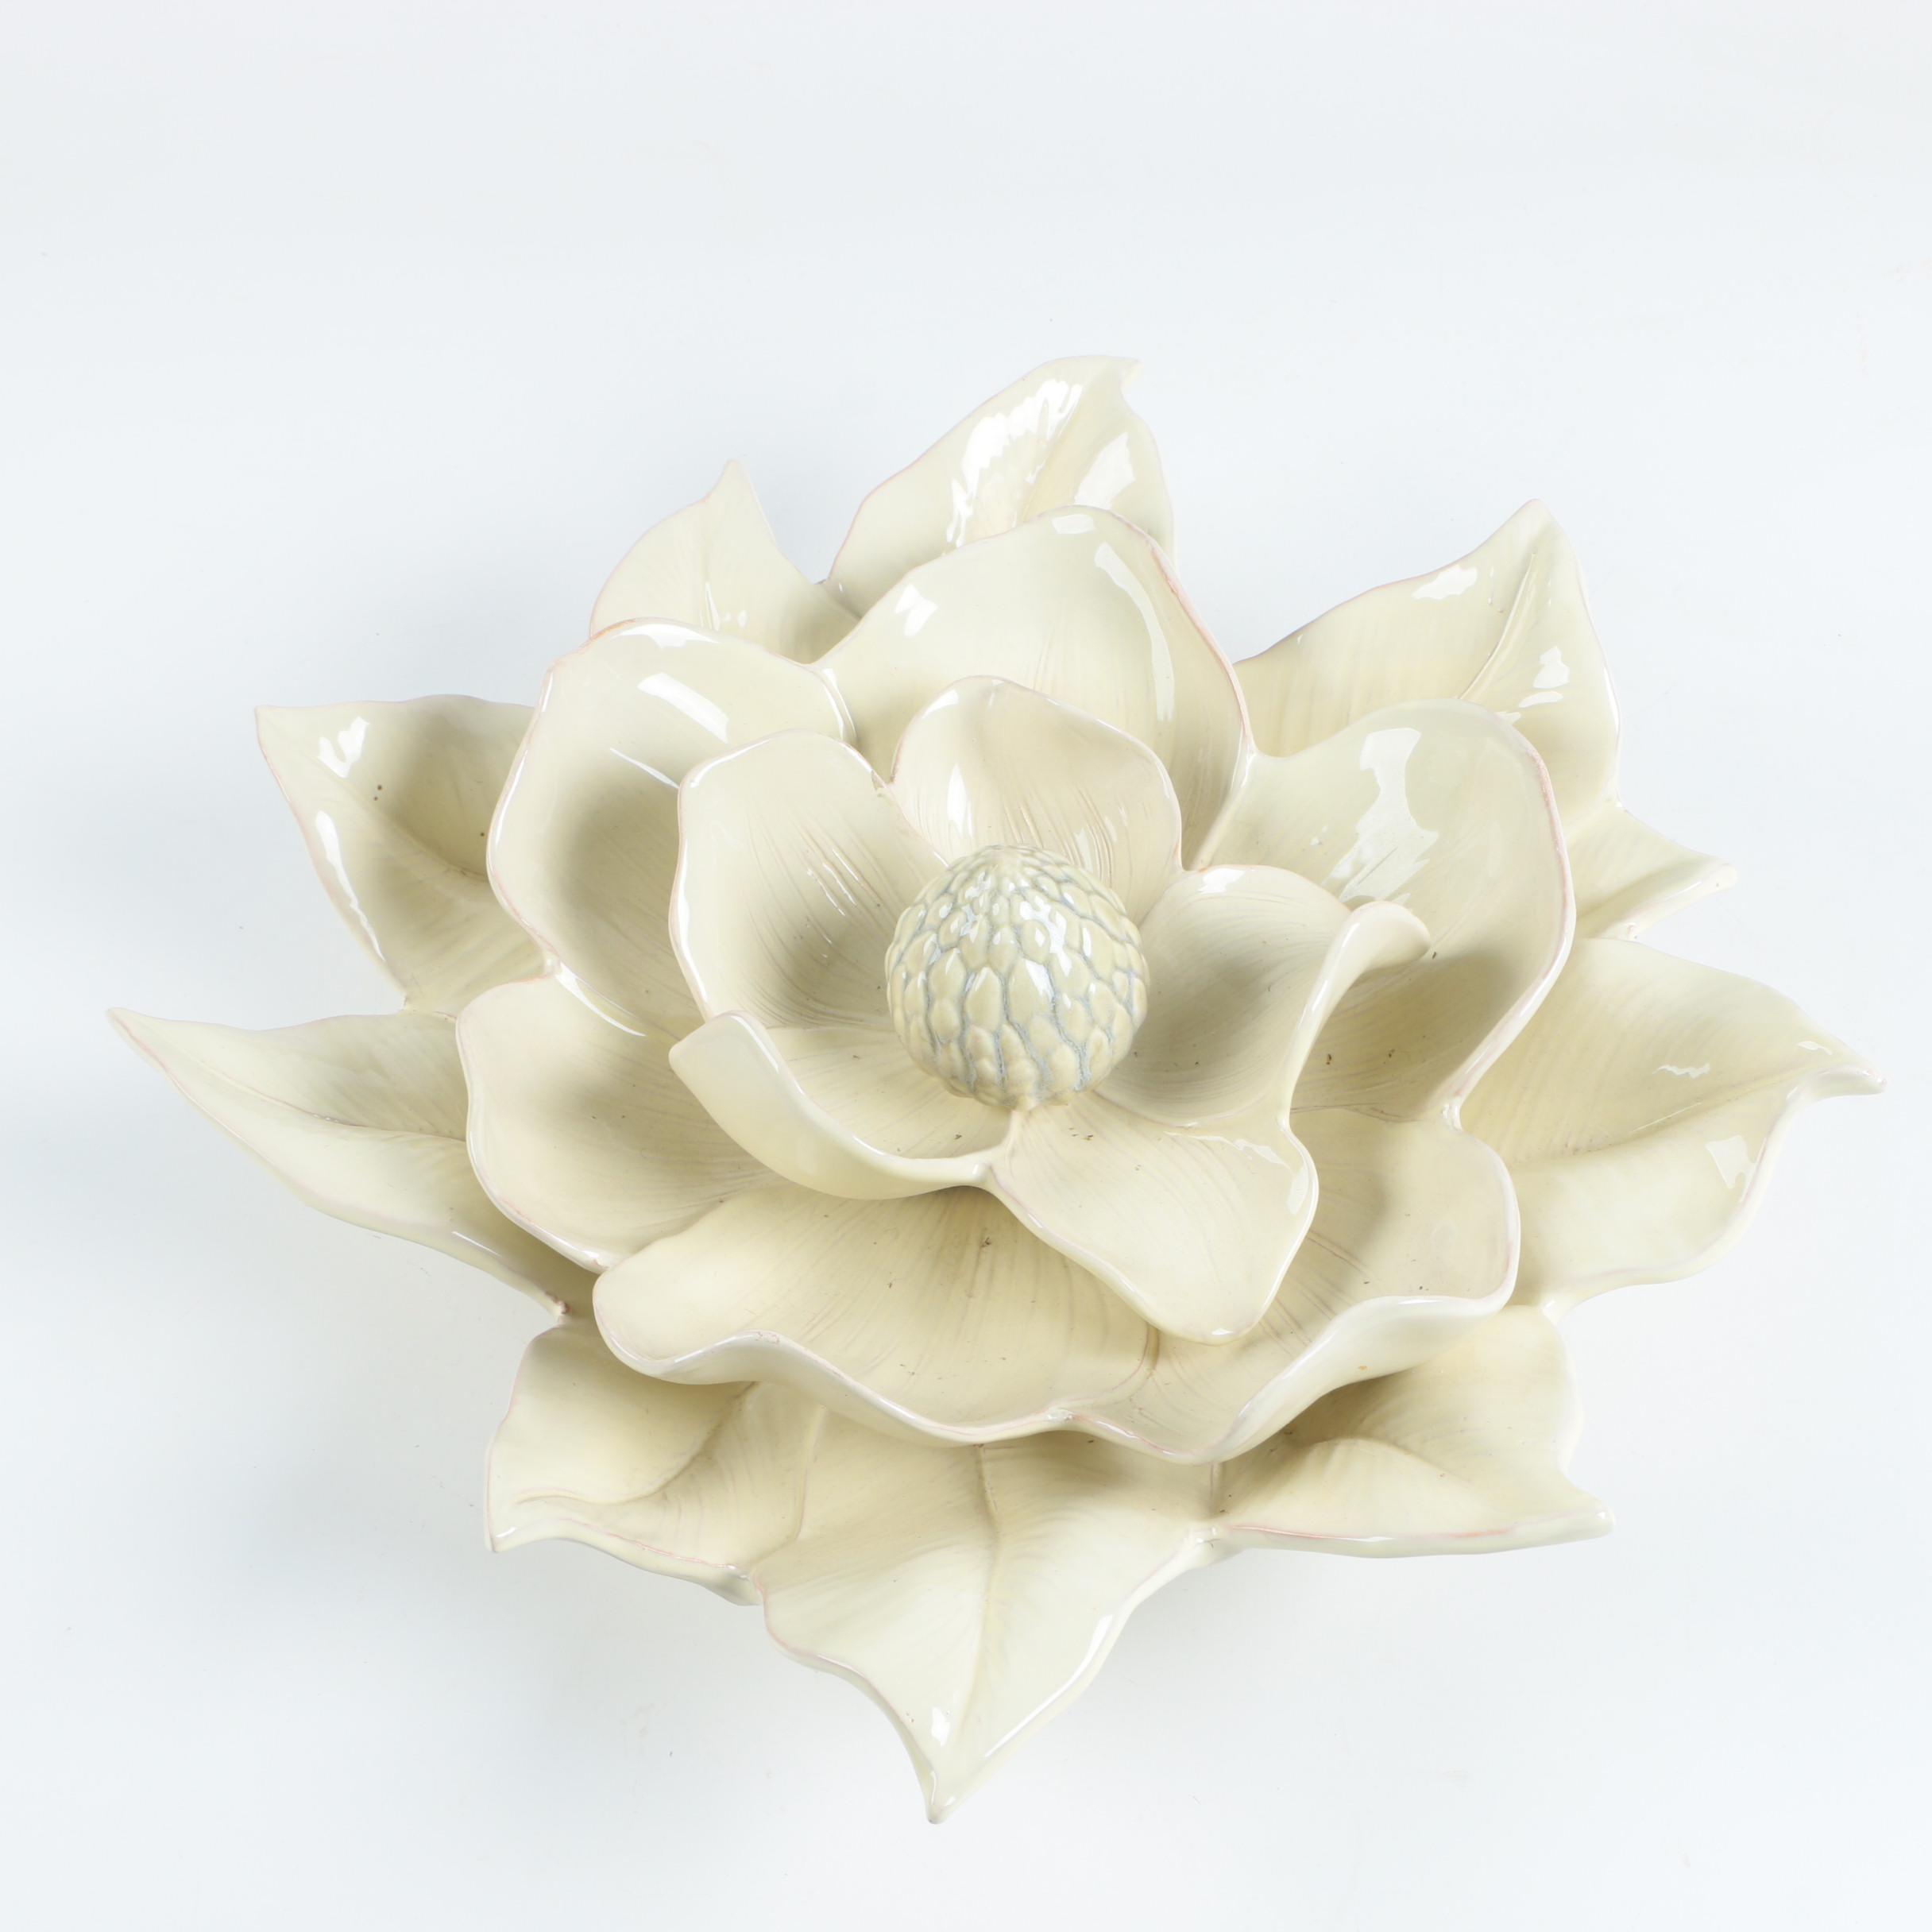 Italian Ceramic Magnolia Flower Wall Sculpture